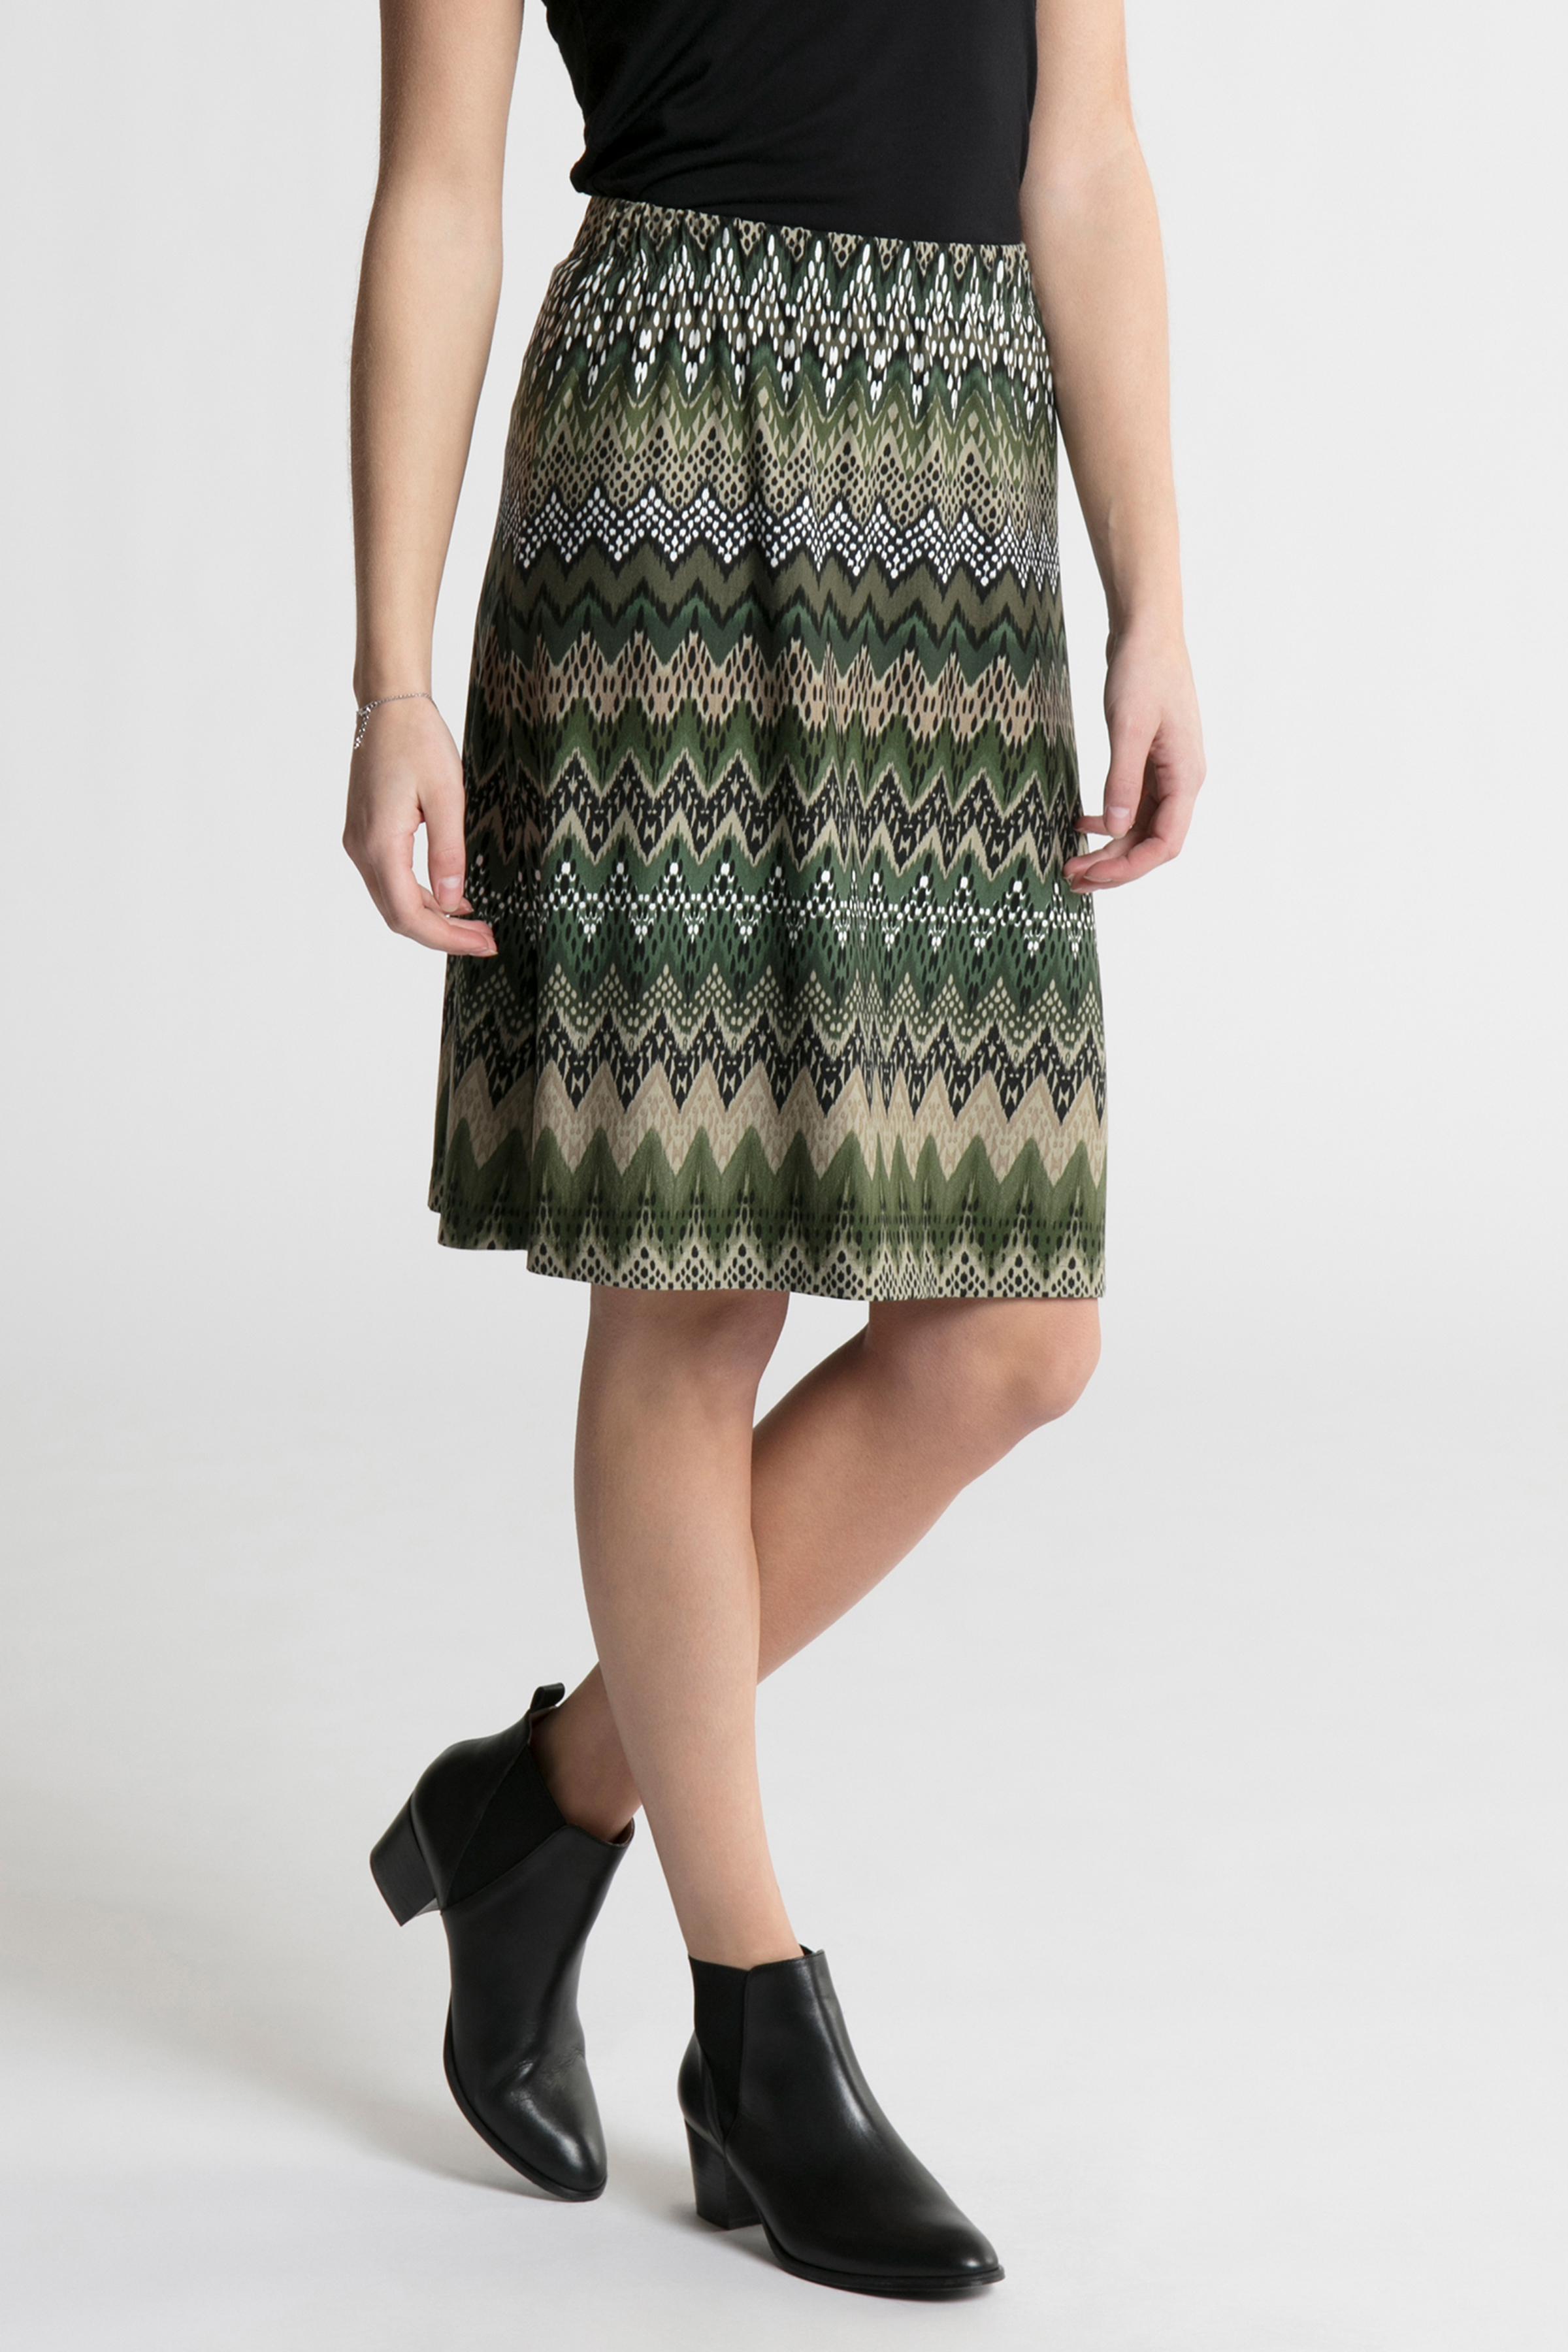 Mørkegrøn Nederdel fra Bon'A Parte – Køb Mørkegrøn Nederdel fra str. S-2XL her